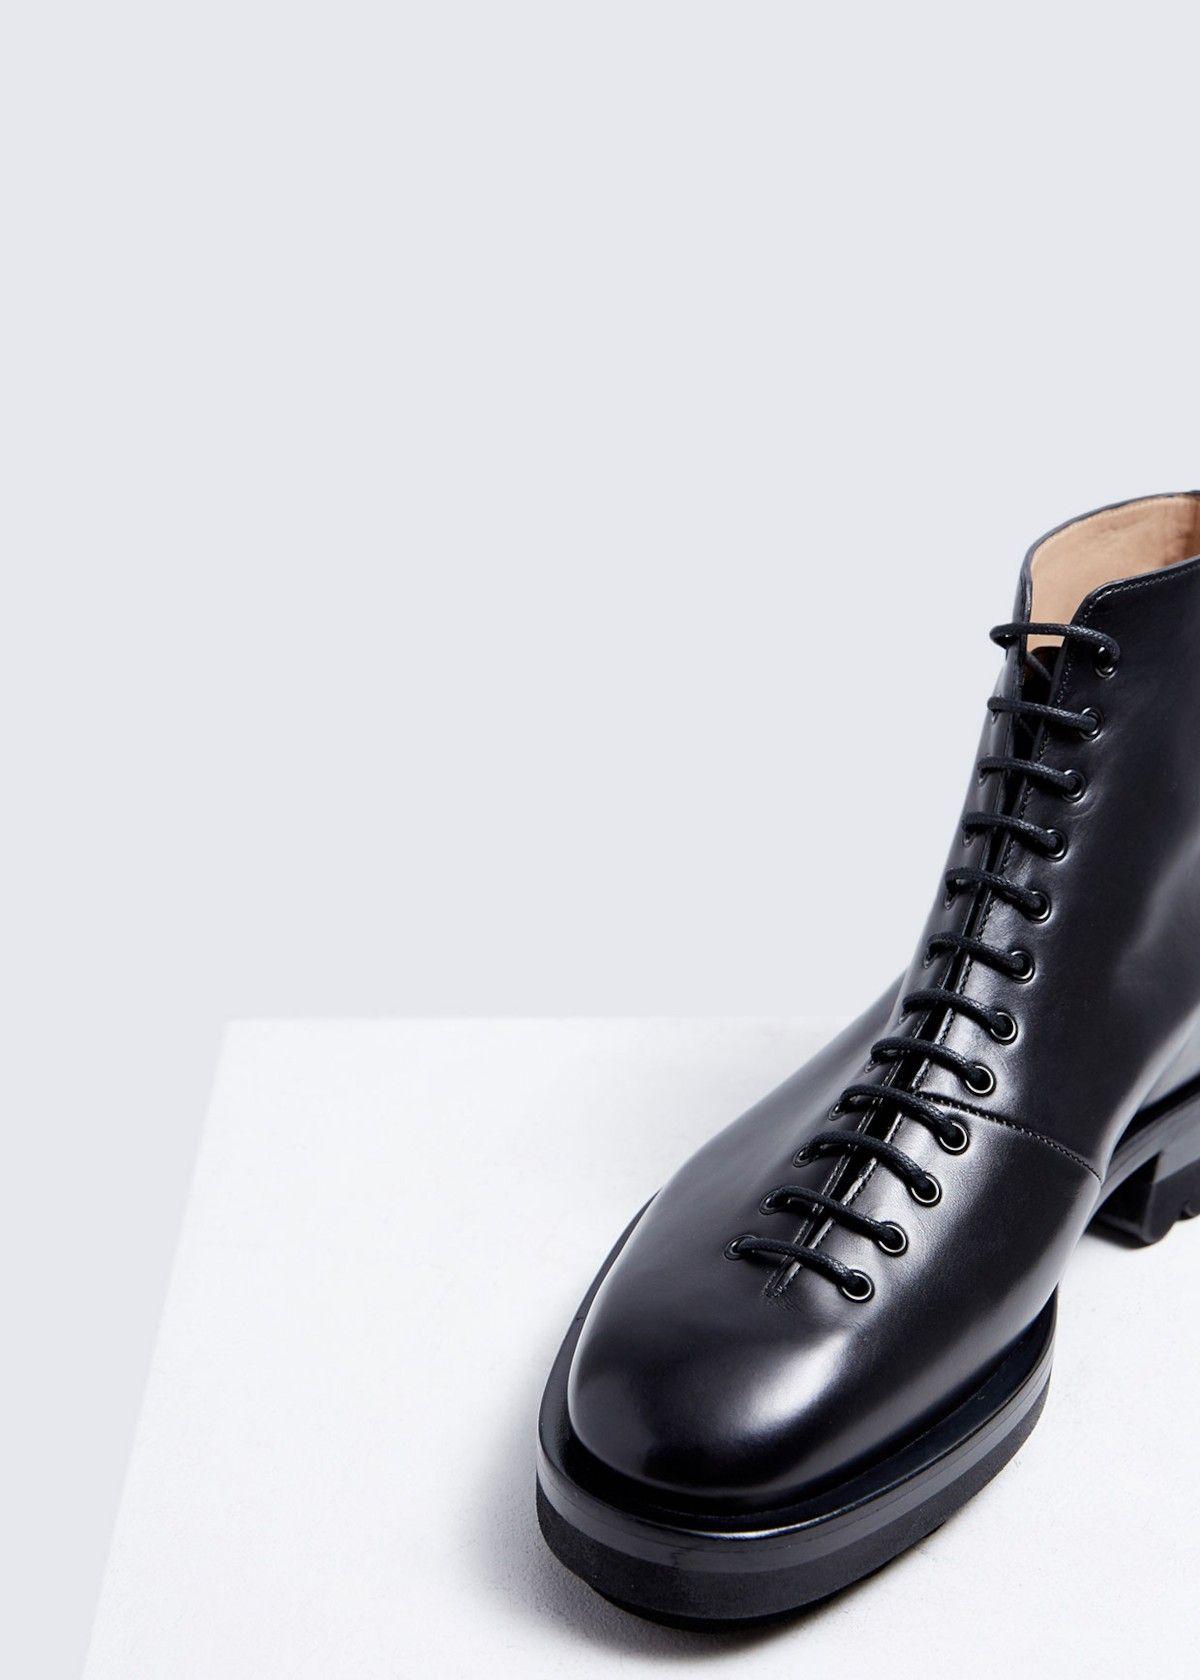 ed833530fe Lace Up Platform in 2019 | Unique Shoe & Accessory Design | Shoes ...